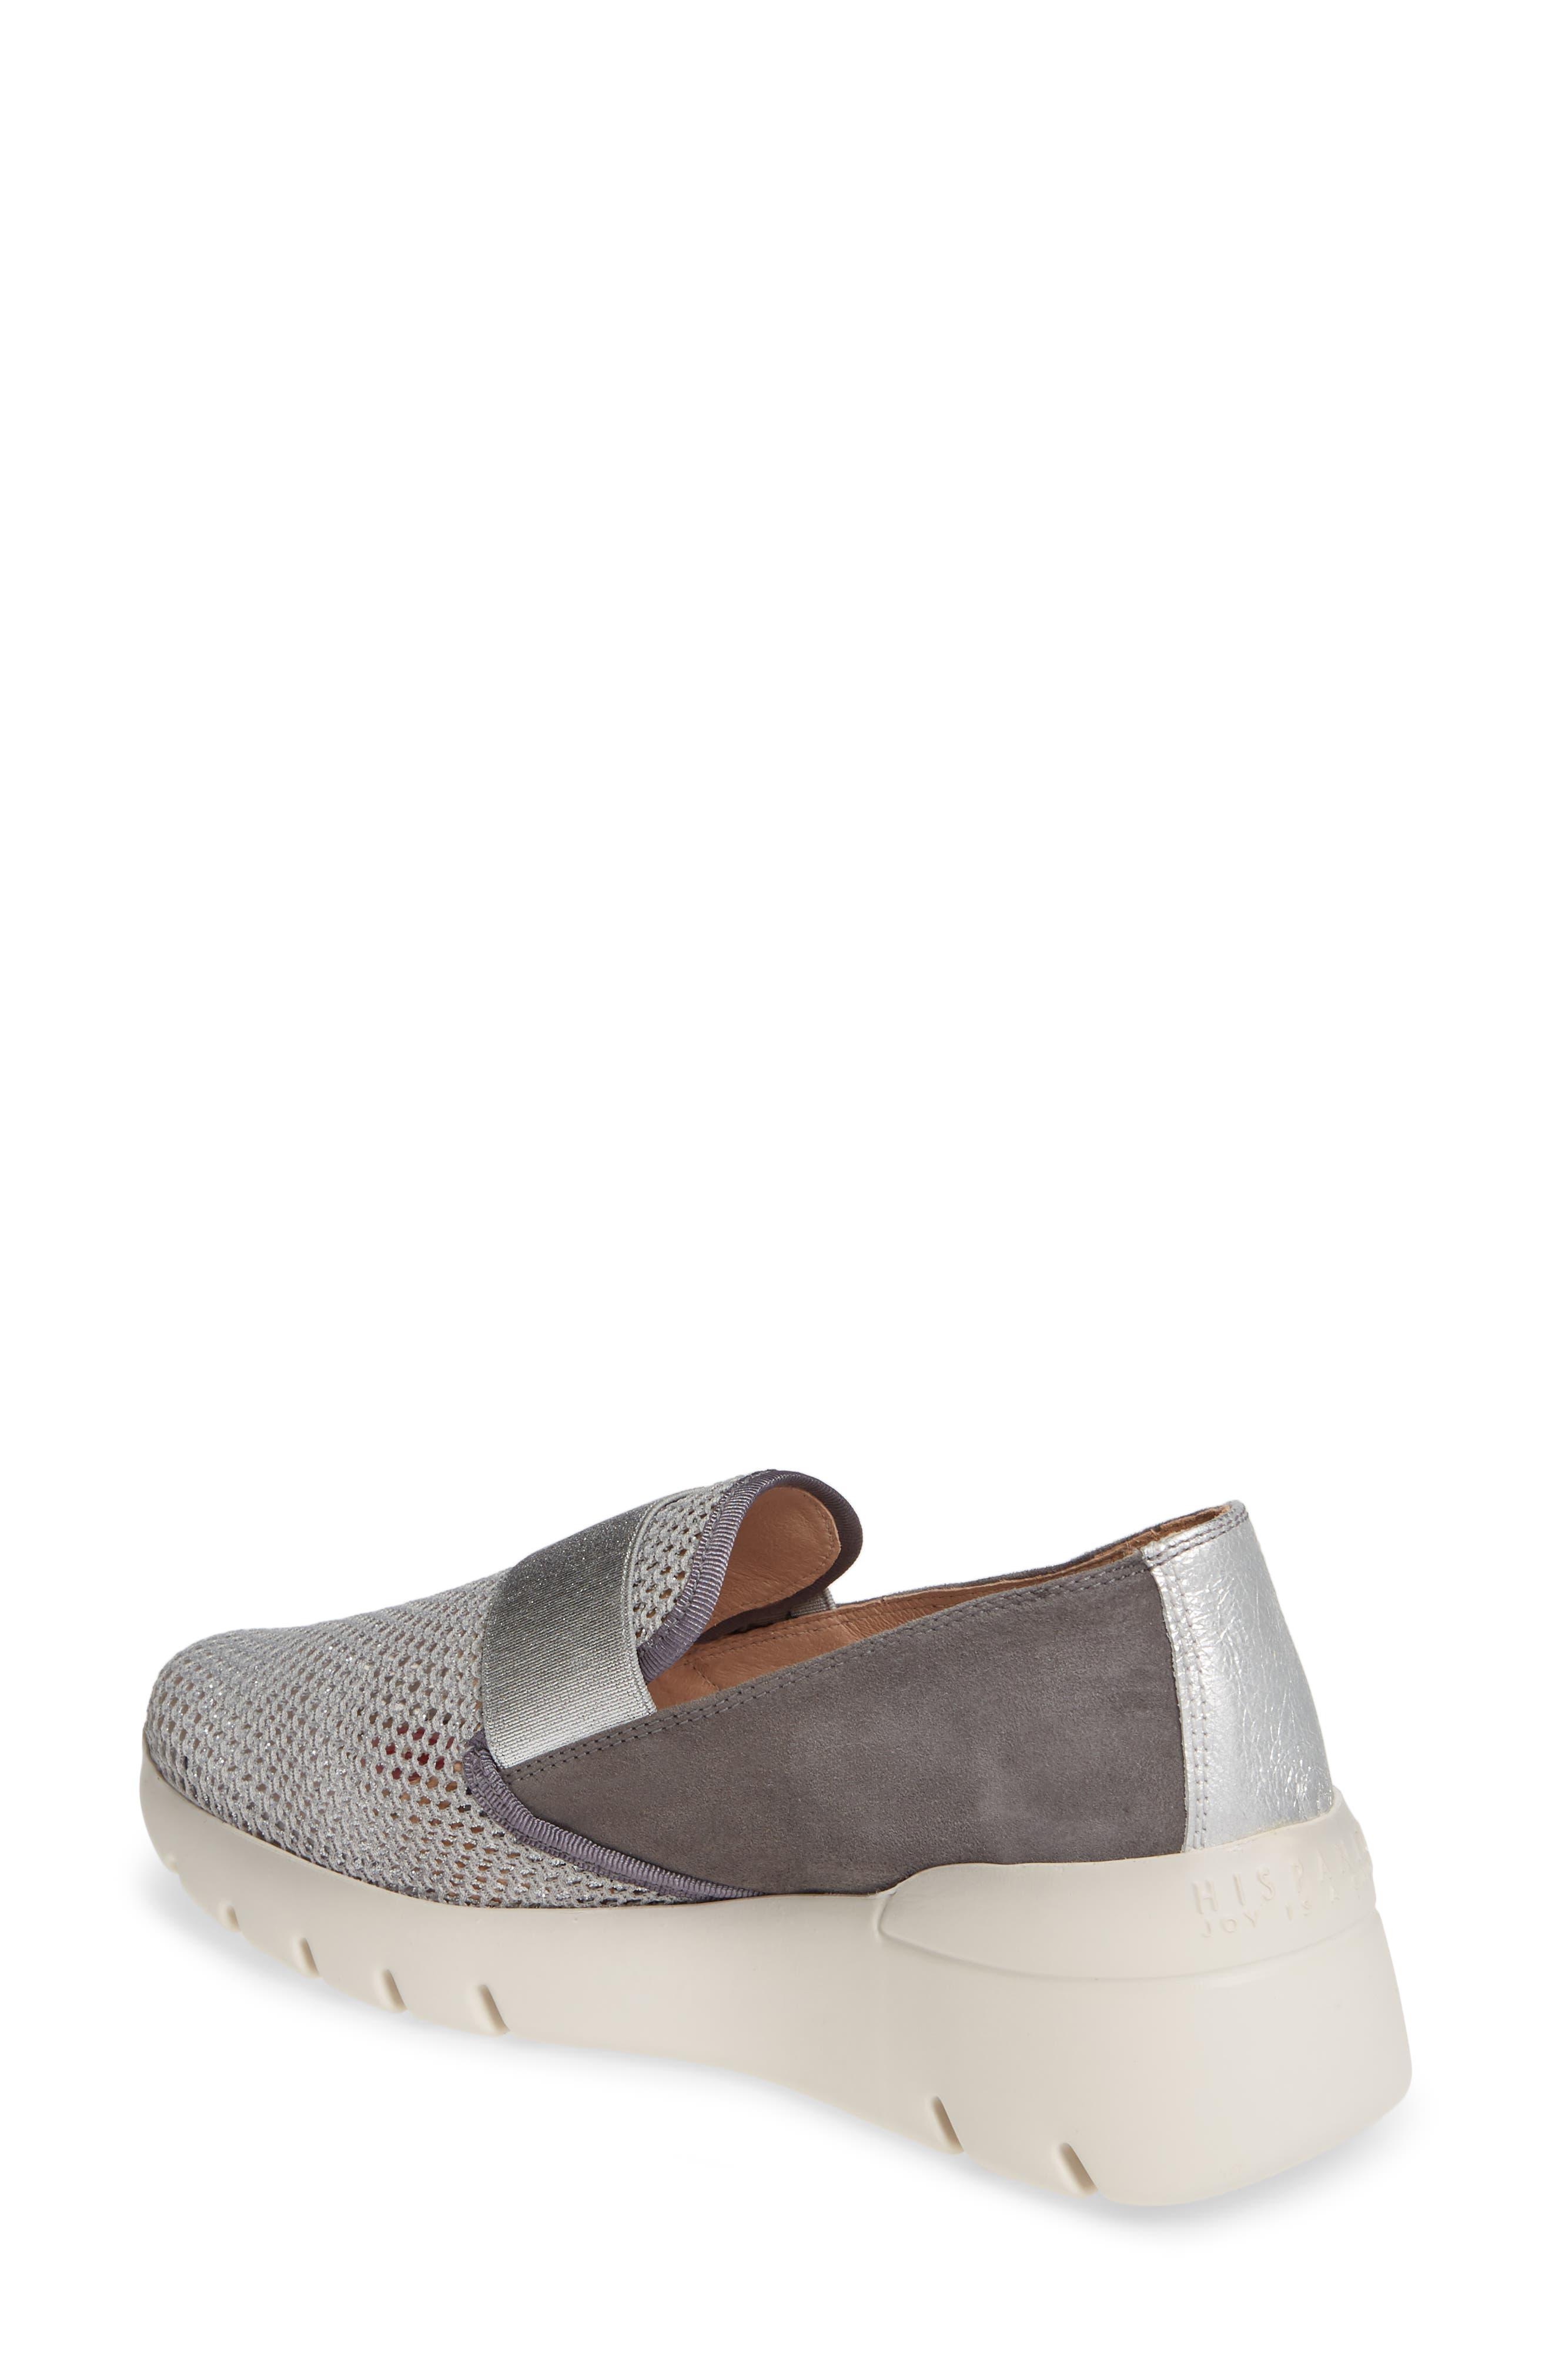 HISPANITAS, Reeva Slip-On Wedge Sneaker, Alternate thumbnail 2, color, GREY CARBON SUEDE